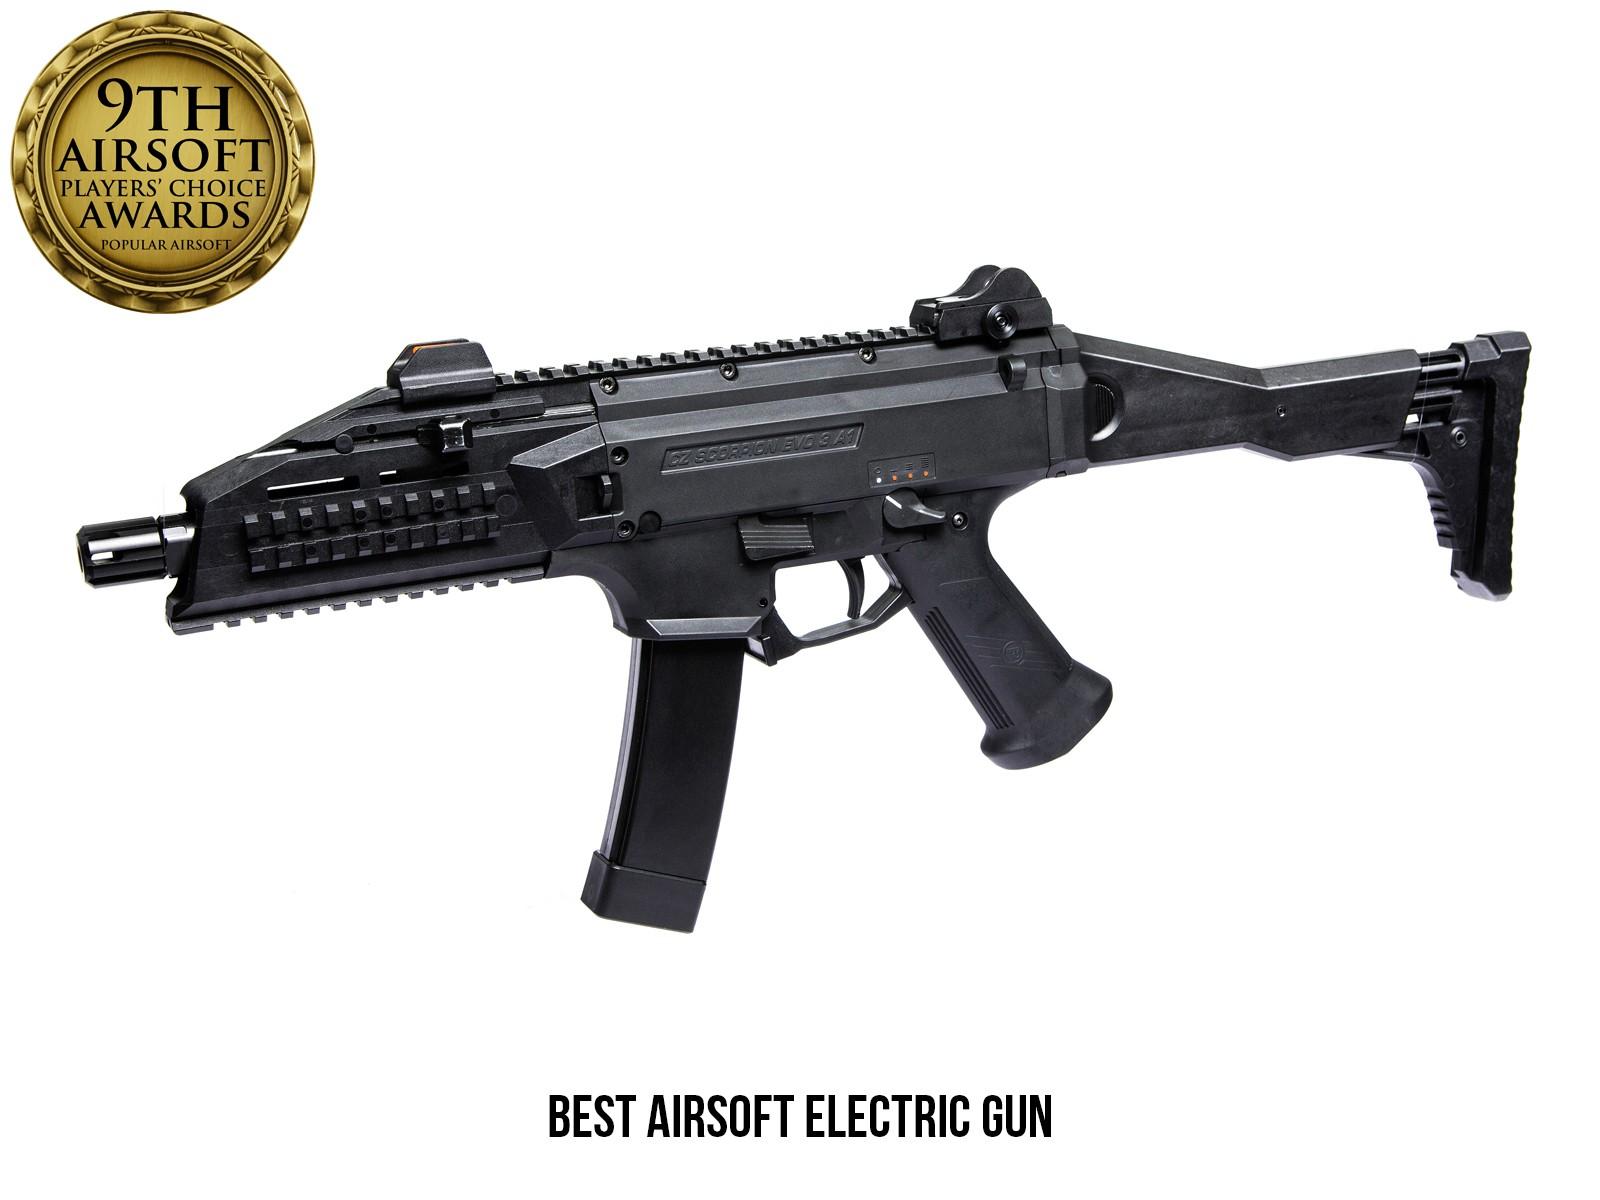 ASG - Fusil d'assaut Scorpion EVO 3 A1 AEG - Noir (1.3 joules)